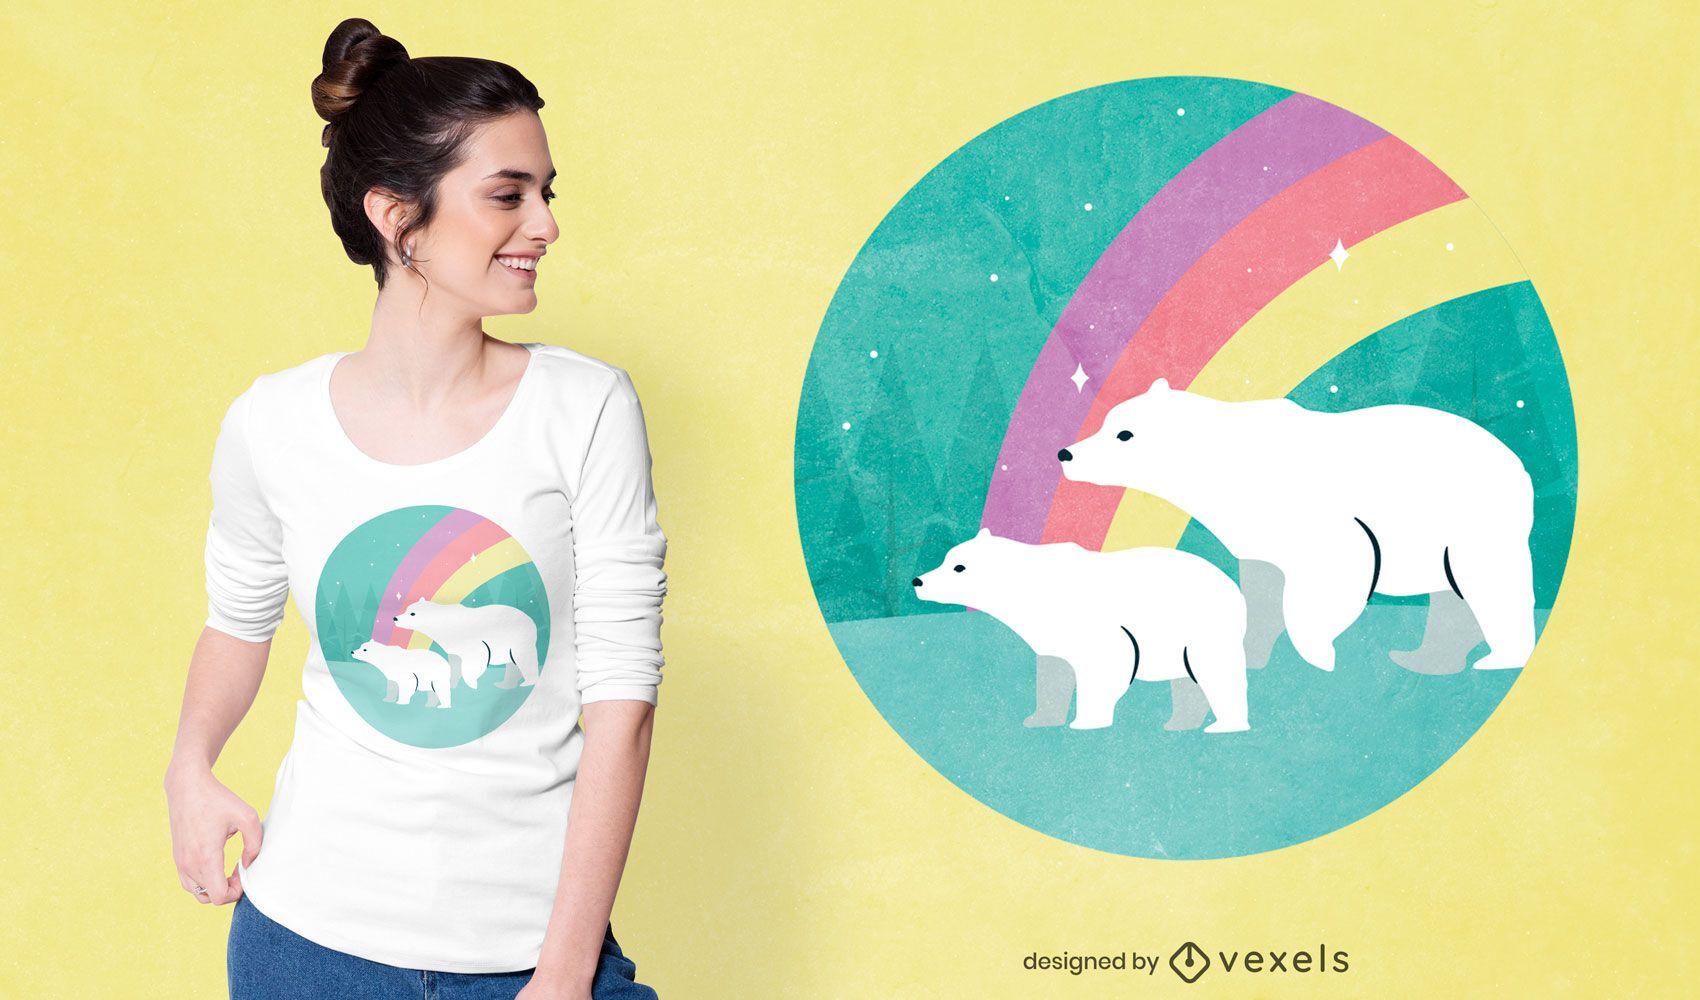 Polar bears rainbow t-shirt design